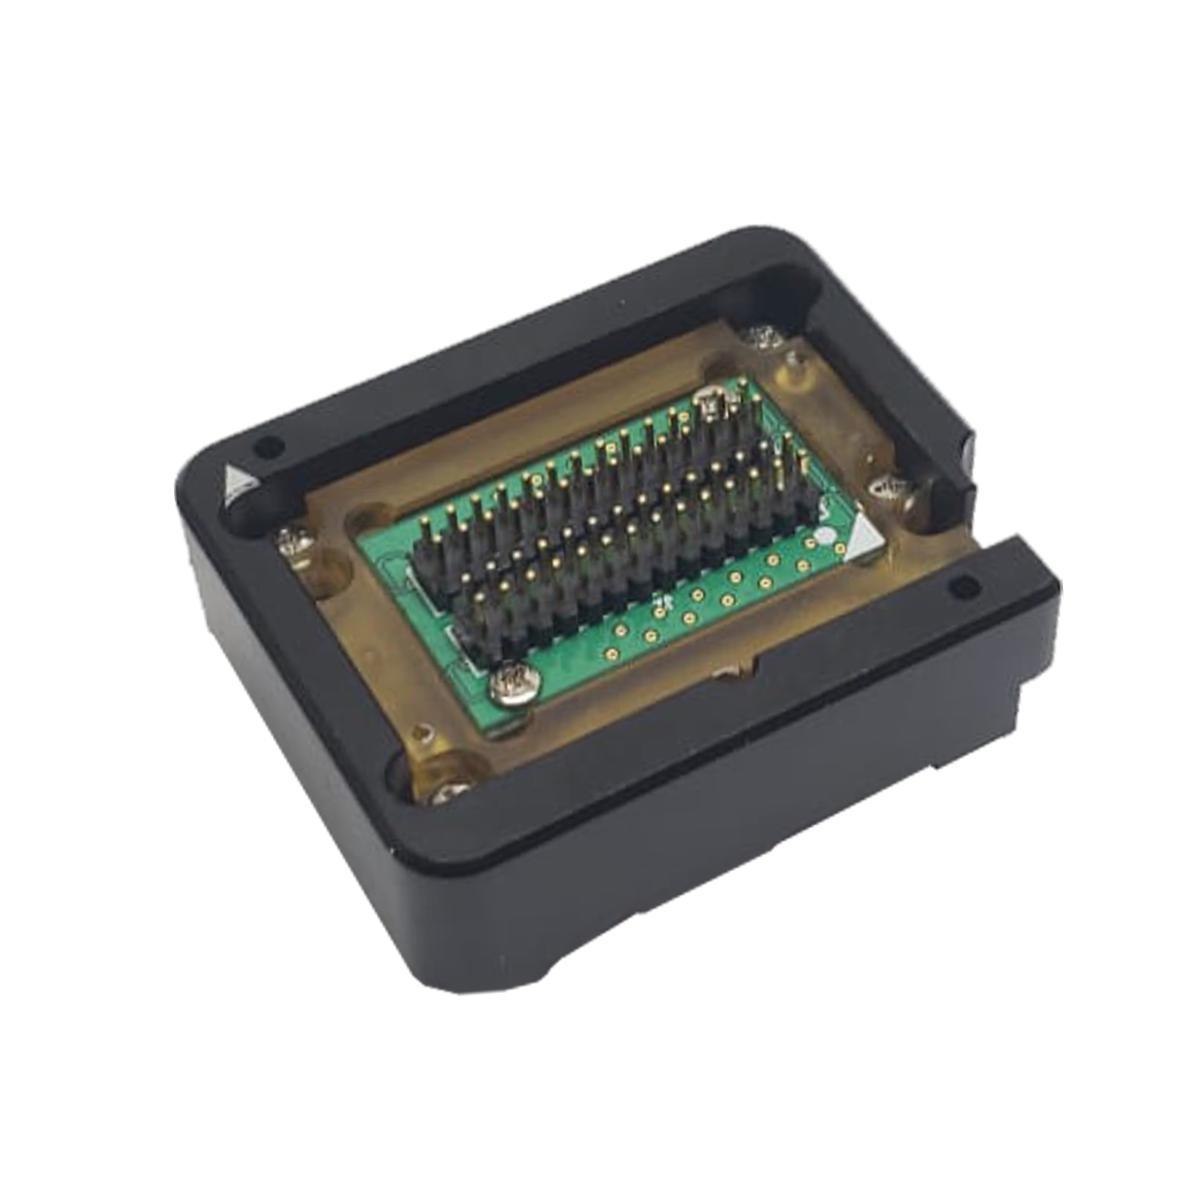 Suporte de Contato Modelo 2 (Preto/Amarelo) para Gravadora Firmware Jig - Red